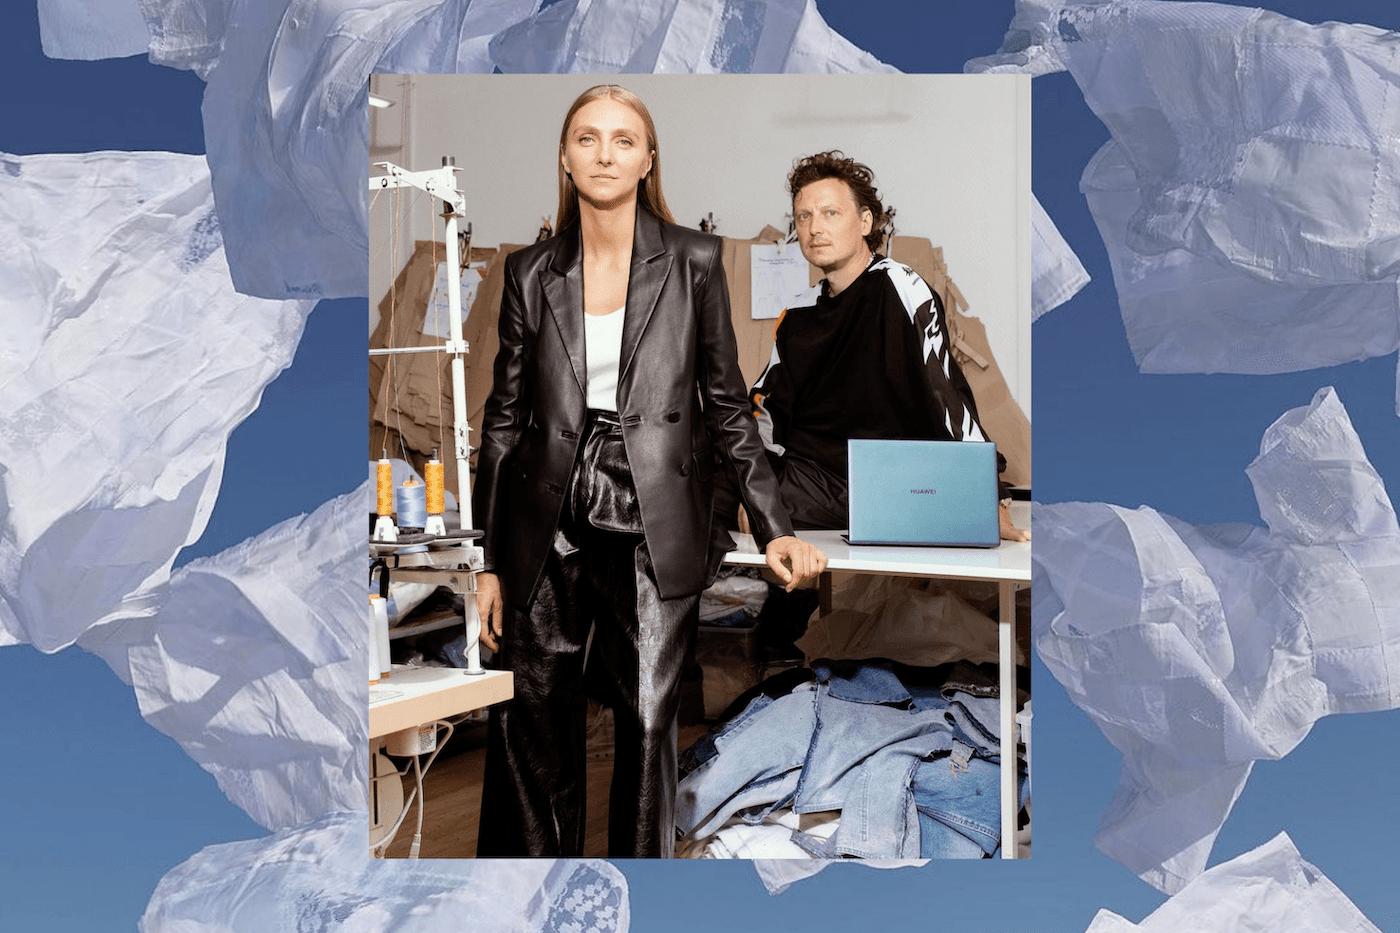 Ksenia Schnaider - upcycling fashion designer